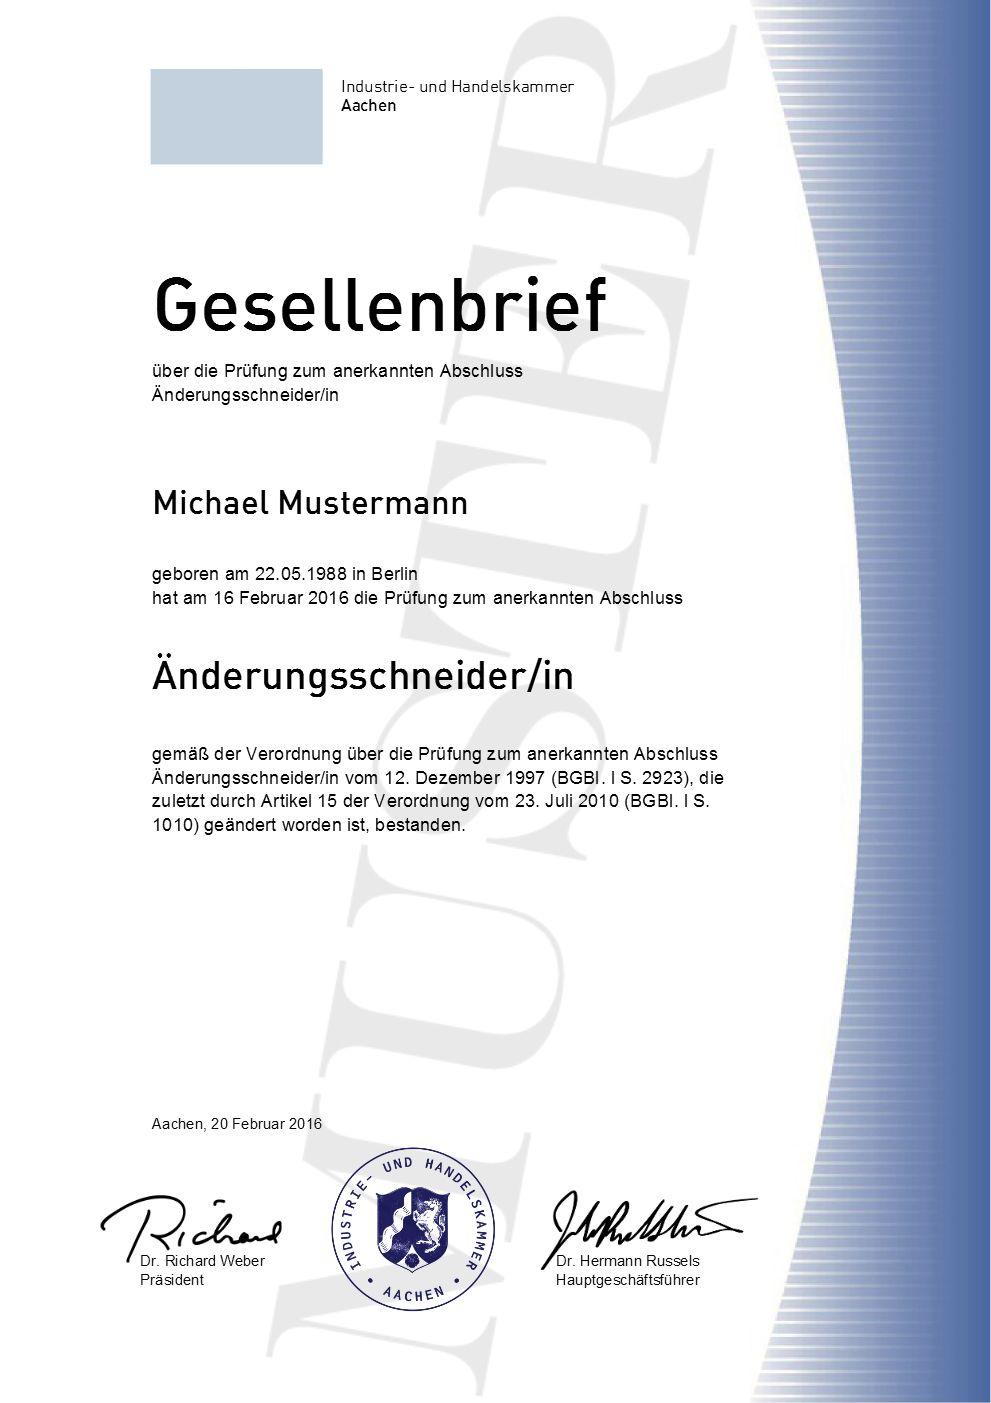 www.etwas.info IHK Gesellenbrief kaufen, Doktortitel ...